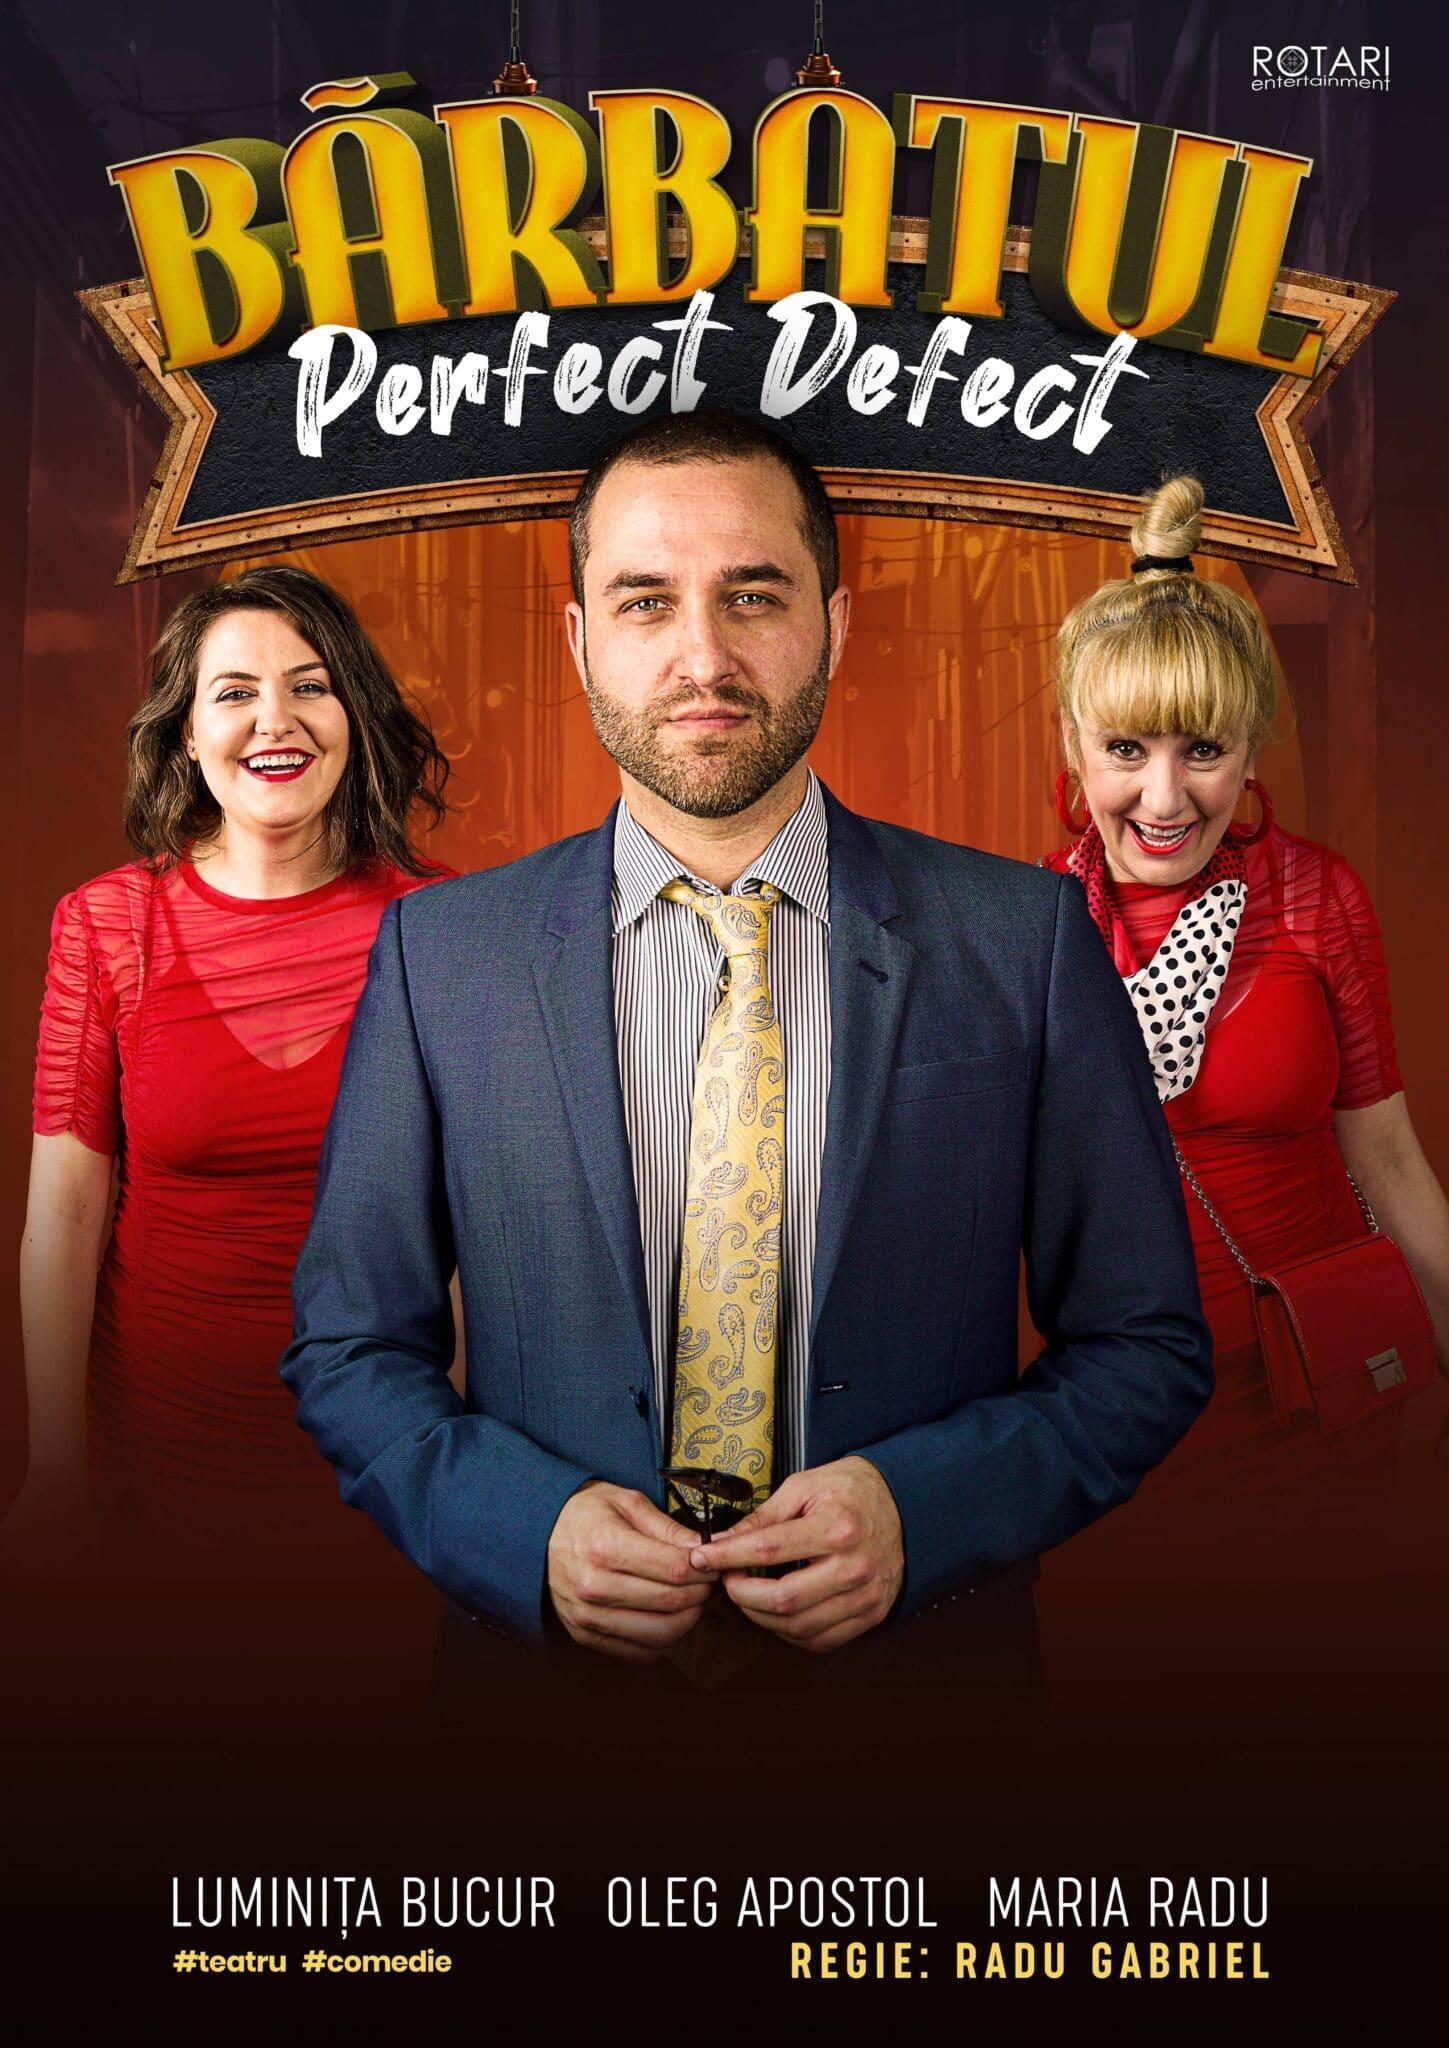 Bărbatul Perfect Defect, Cu Maria Radu, Oleg Apostol și Luminița Bucur, Miercuri 17 Martie La The Temple Social Pub